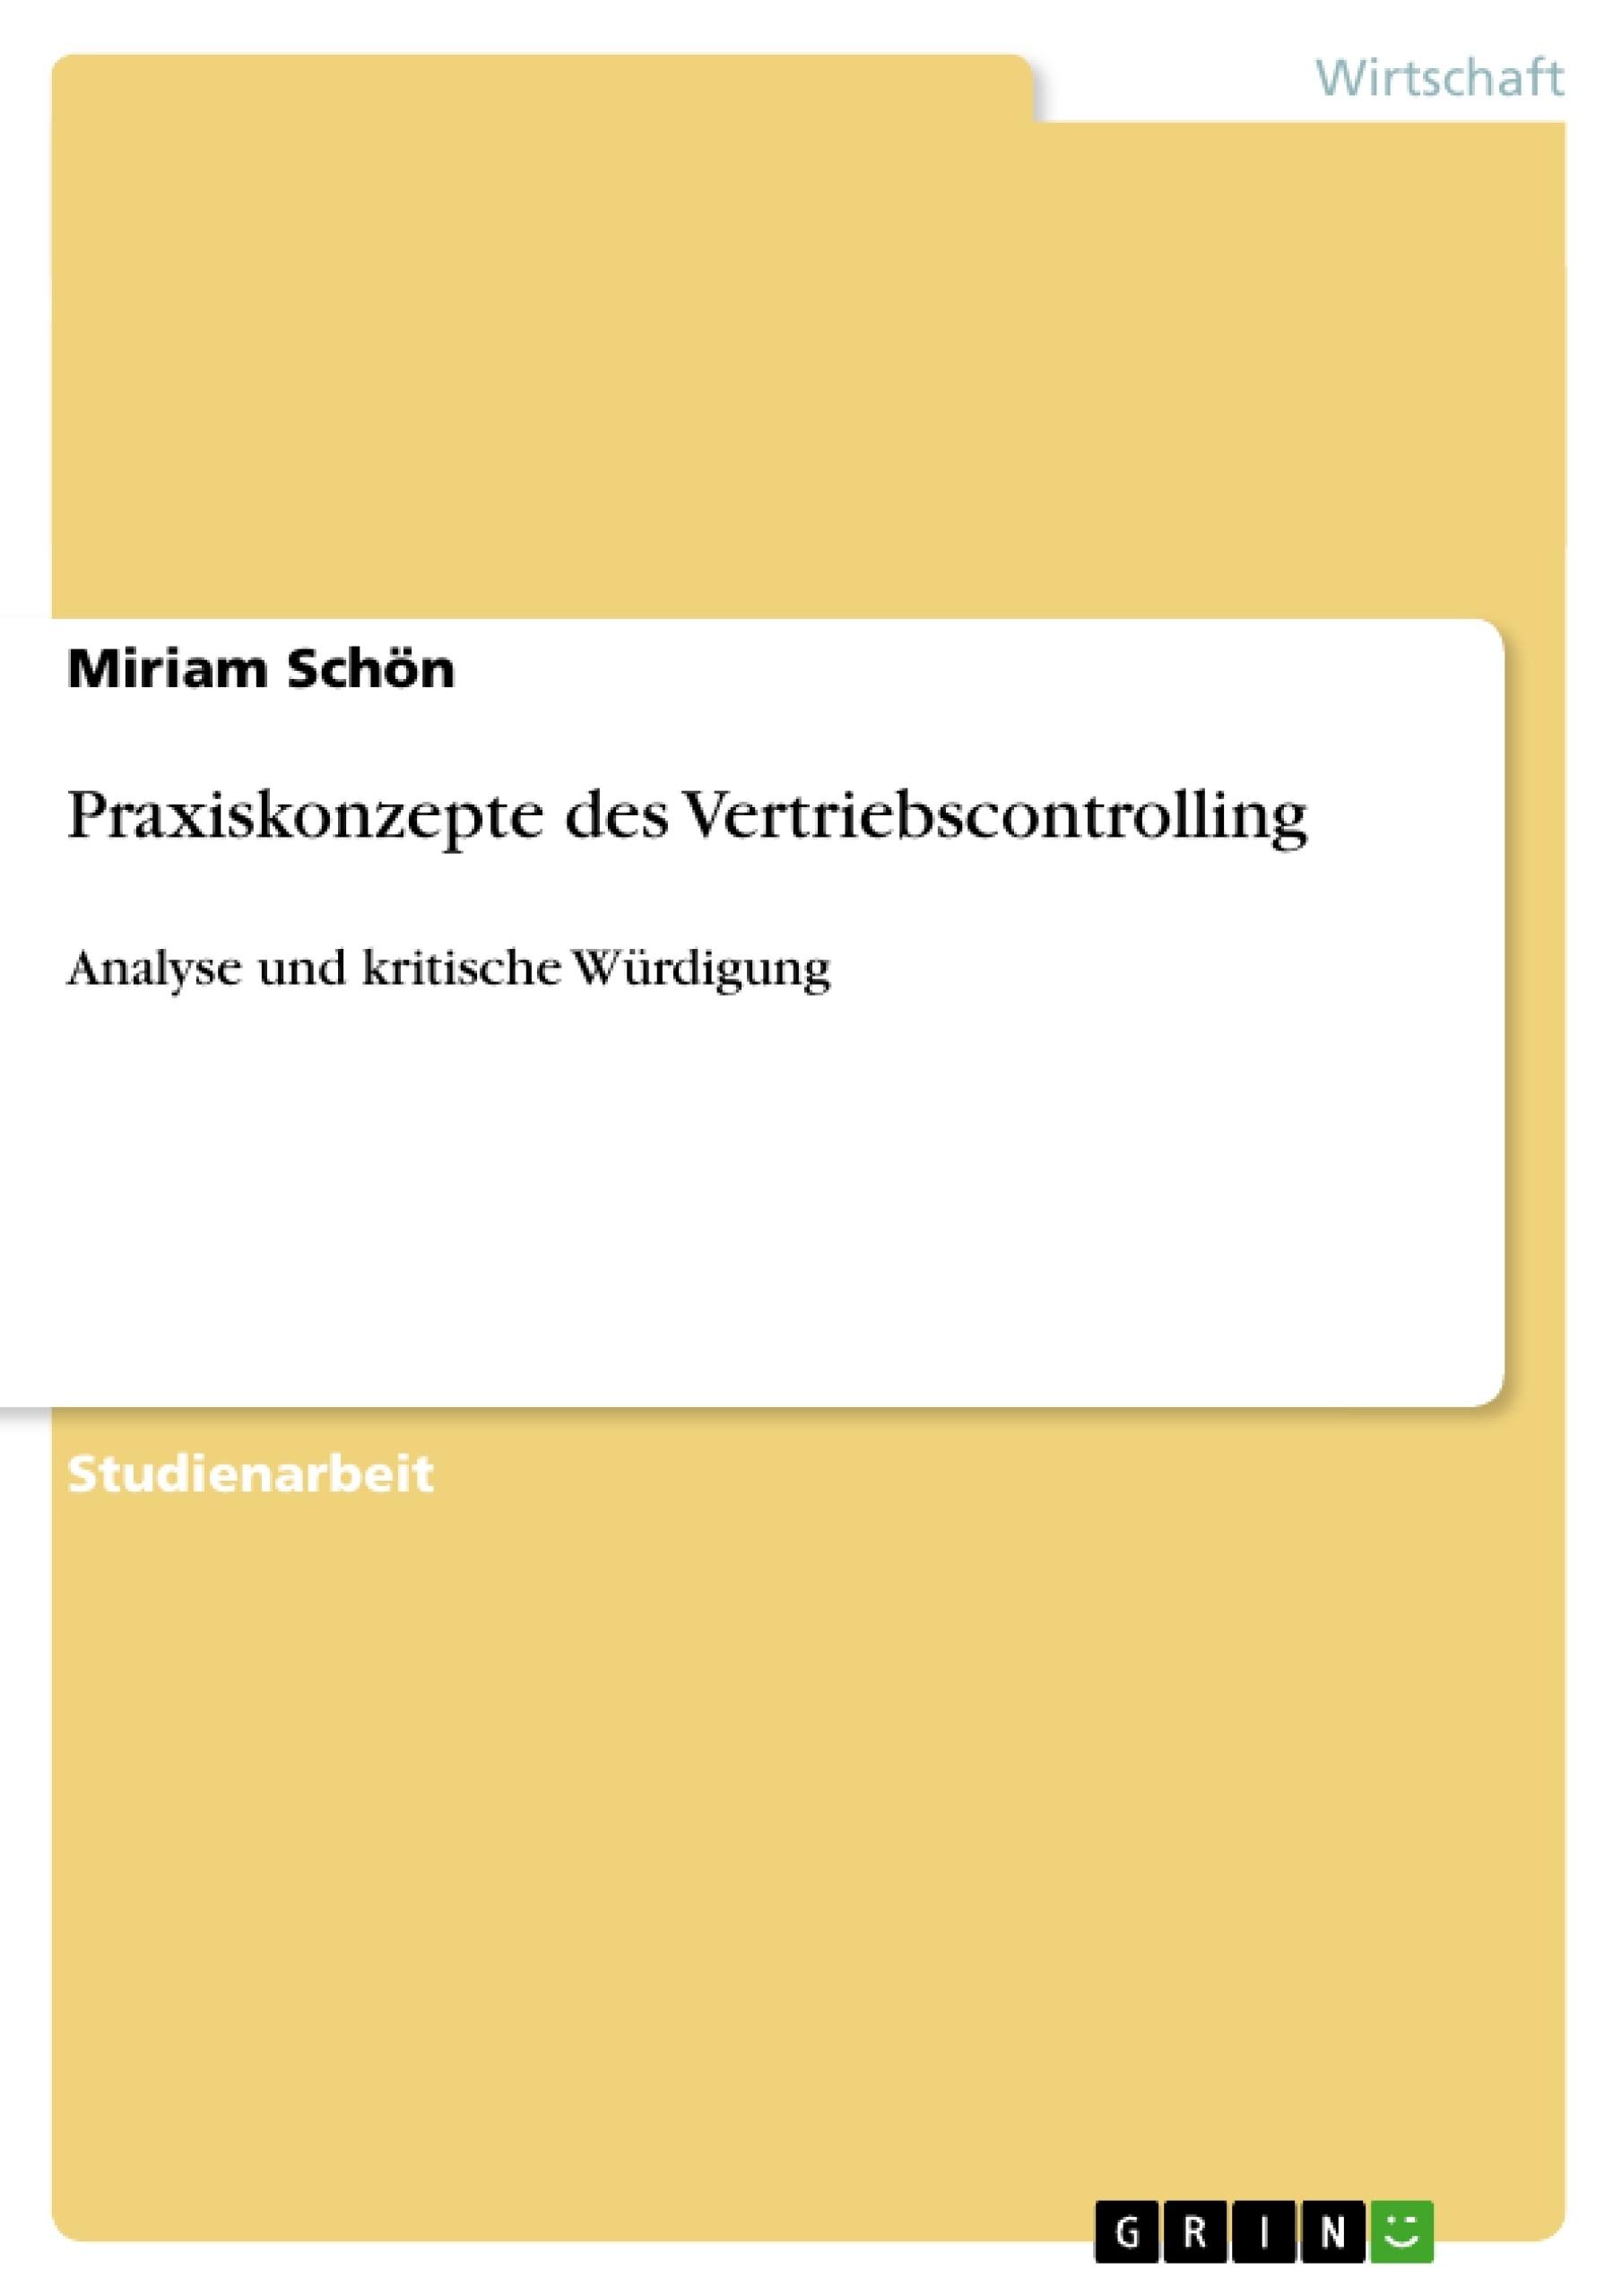 Titel: Praxiskonzepte des Vertriebscontrolling